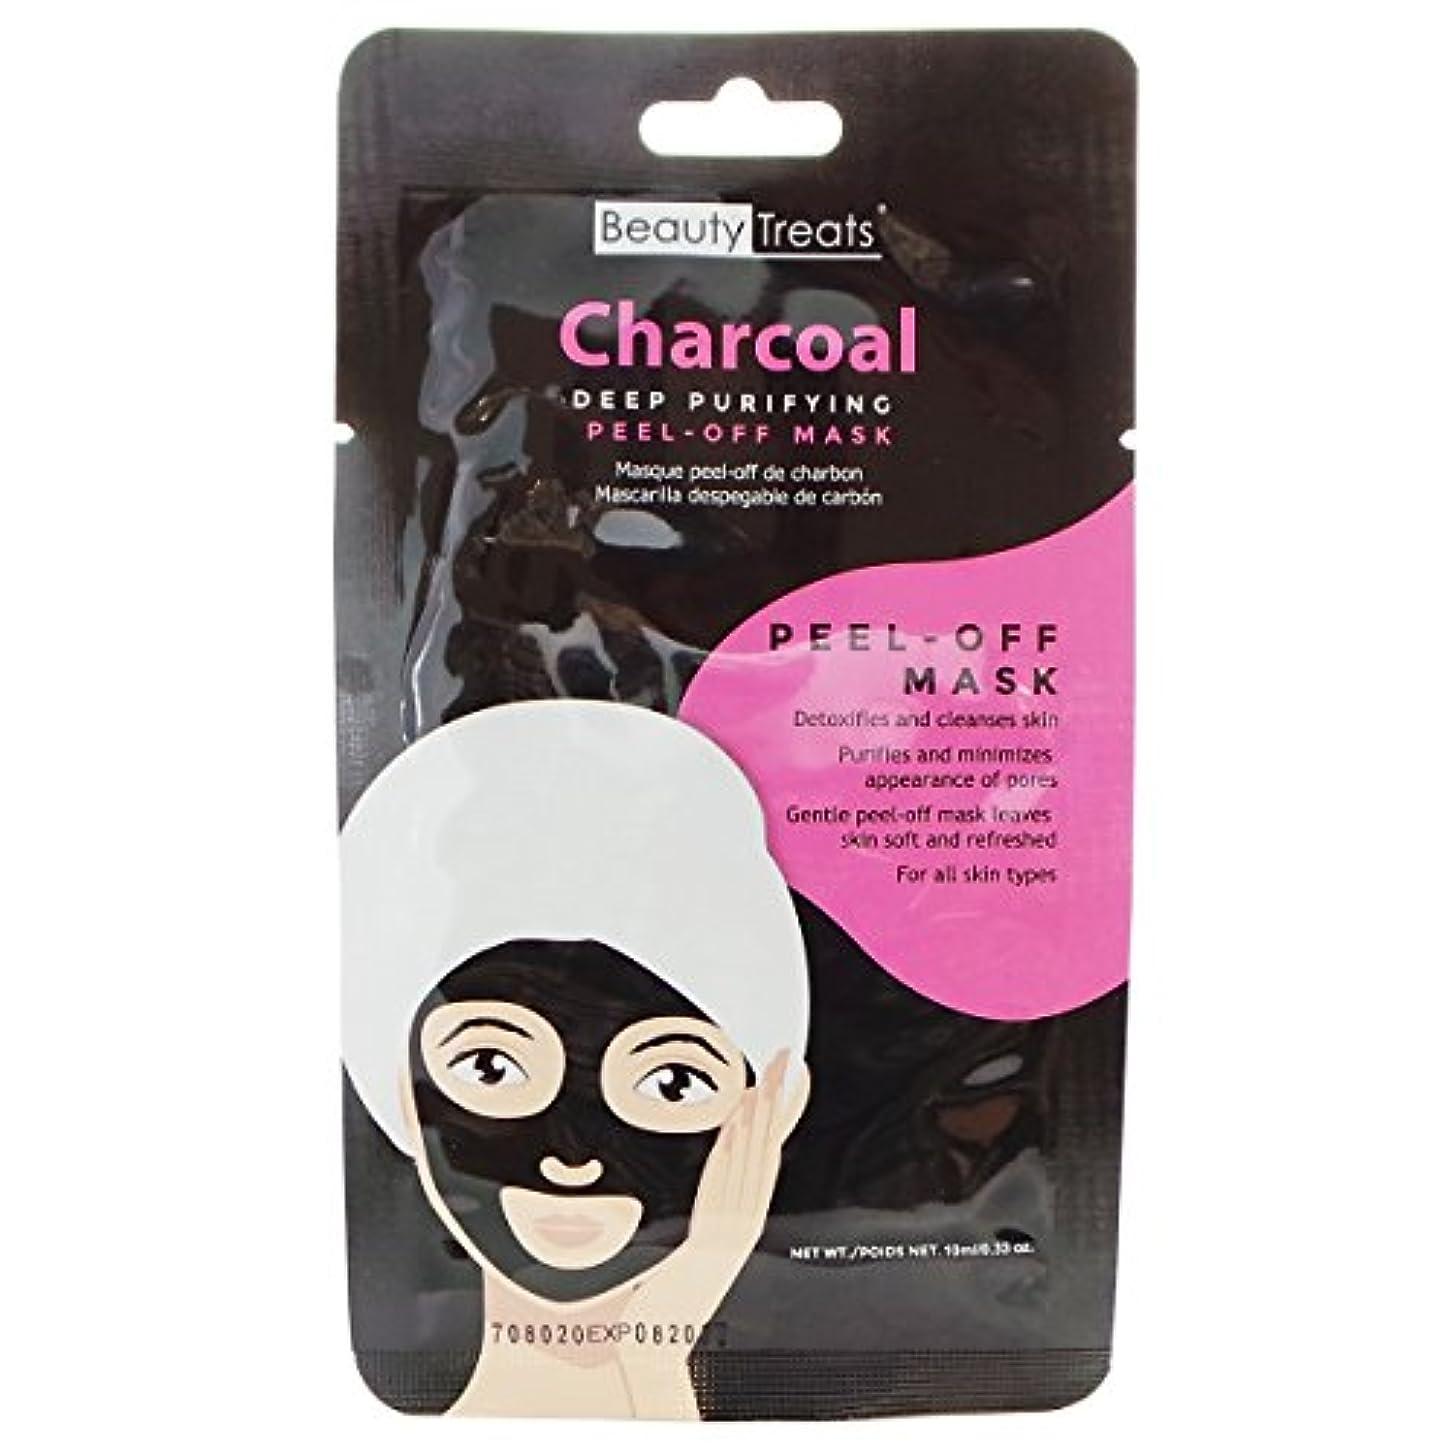 インターネット把握洞察力(6 Pack) BEAUTY TREATS Deep Purifying Peel-Off Charcoal Mask (並行輸入品)